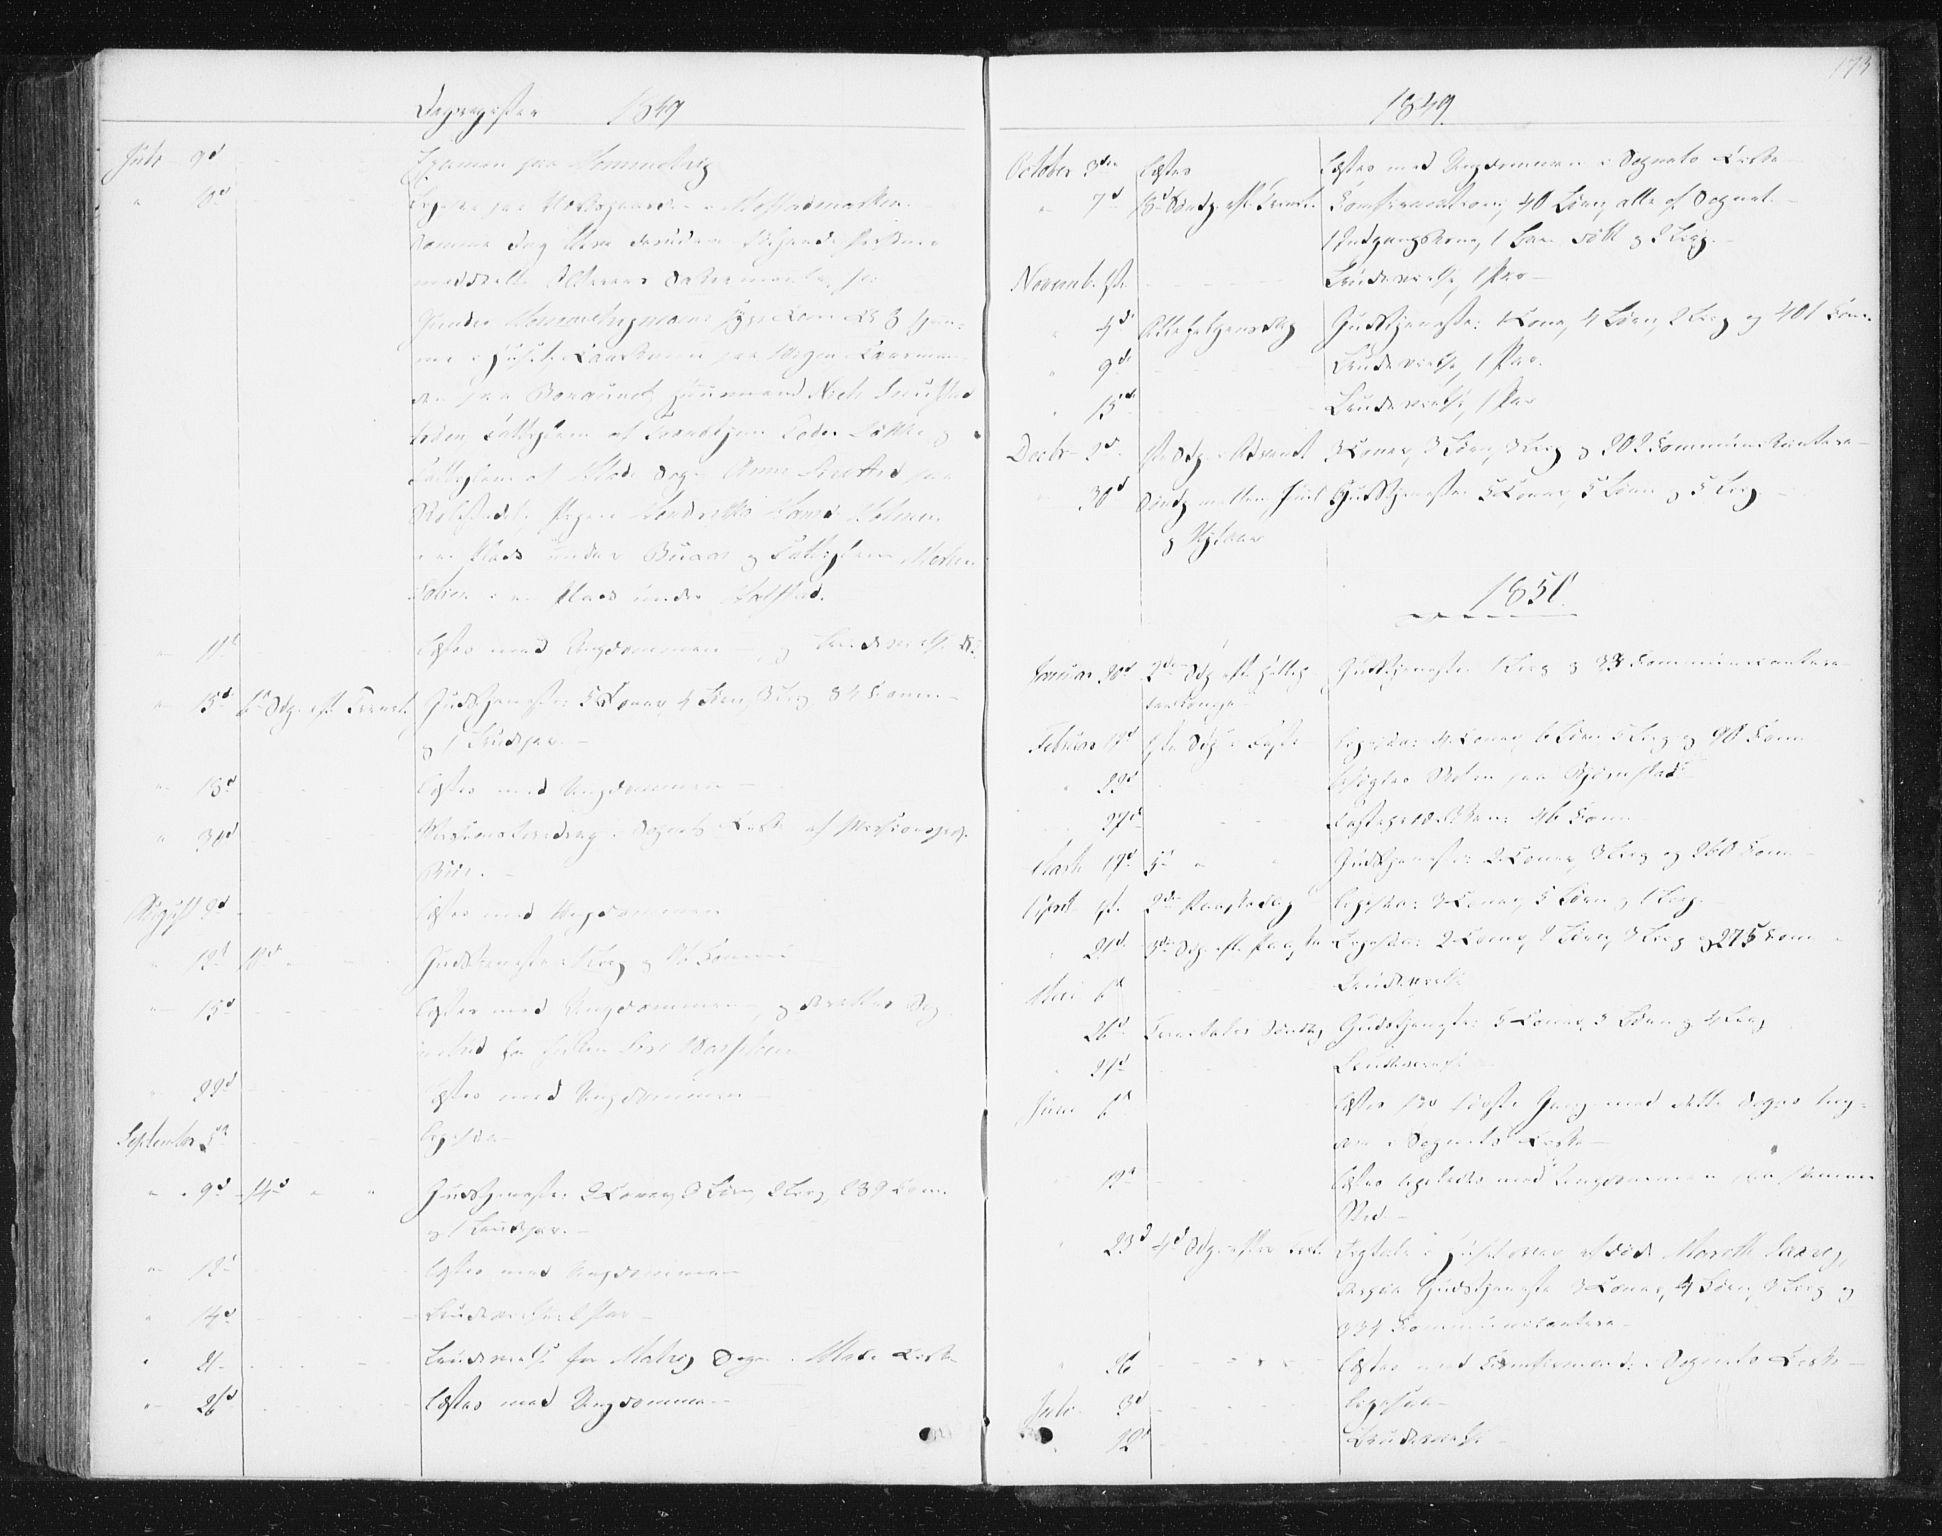 SAT, Ministerialprotokoller, klokkerbøker og fødselsregistre - Sør-Trøndelag, 616/L0407: Ministerialbok nr. 616A04, 1848-1856, s. 173